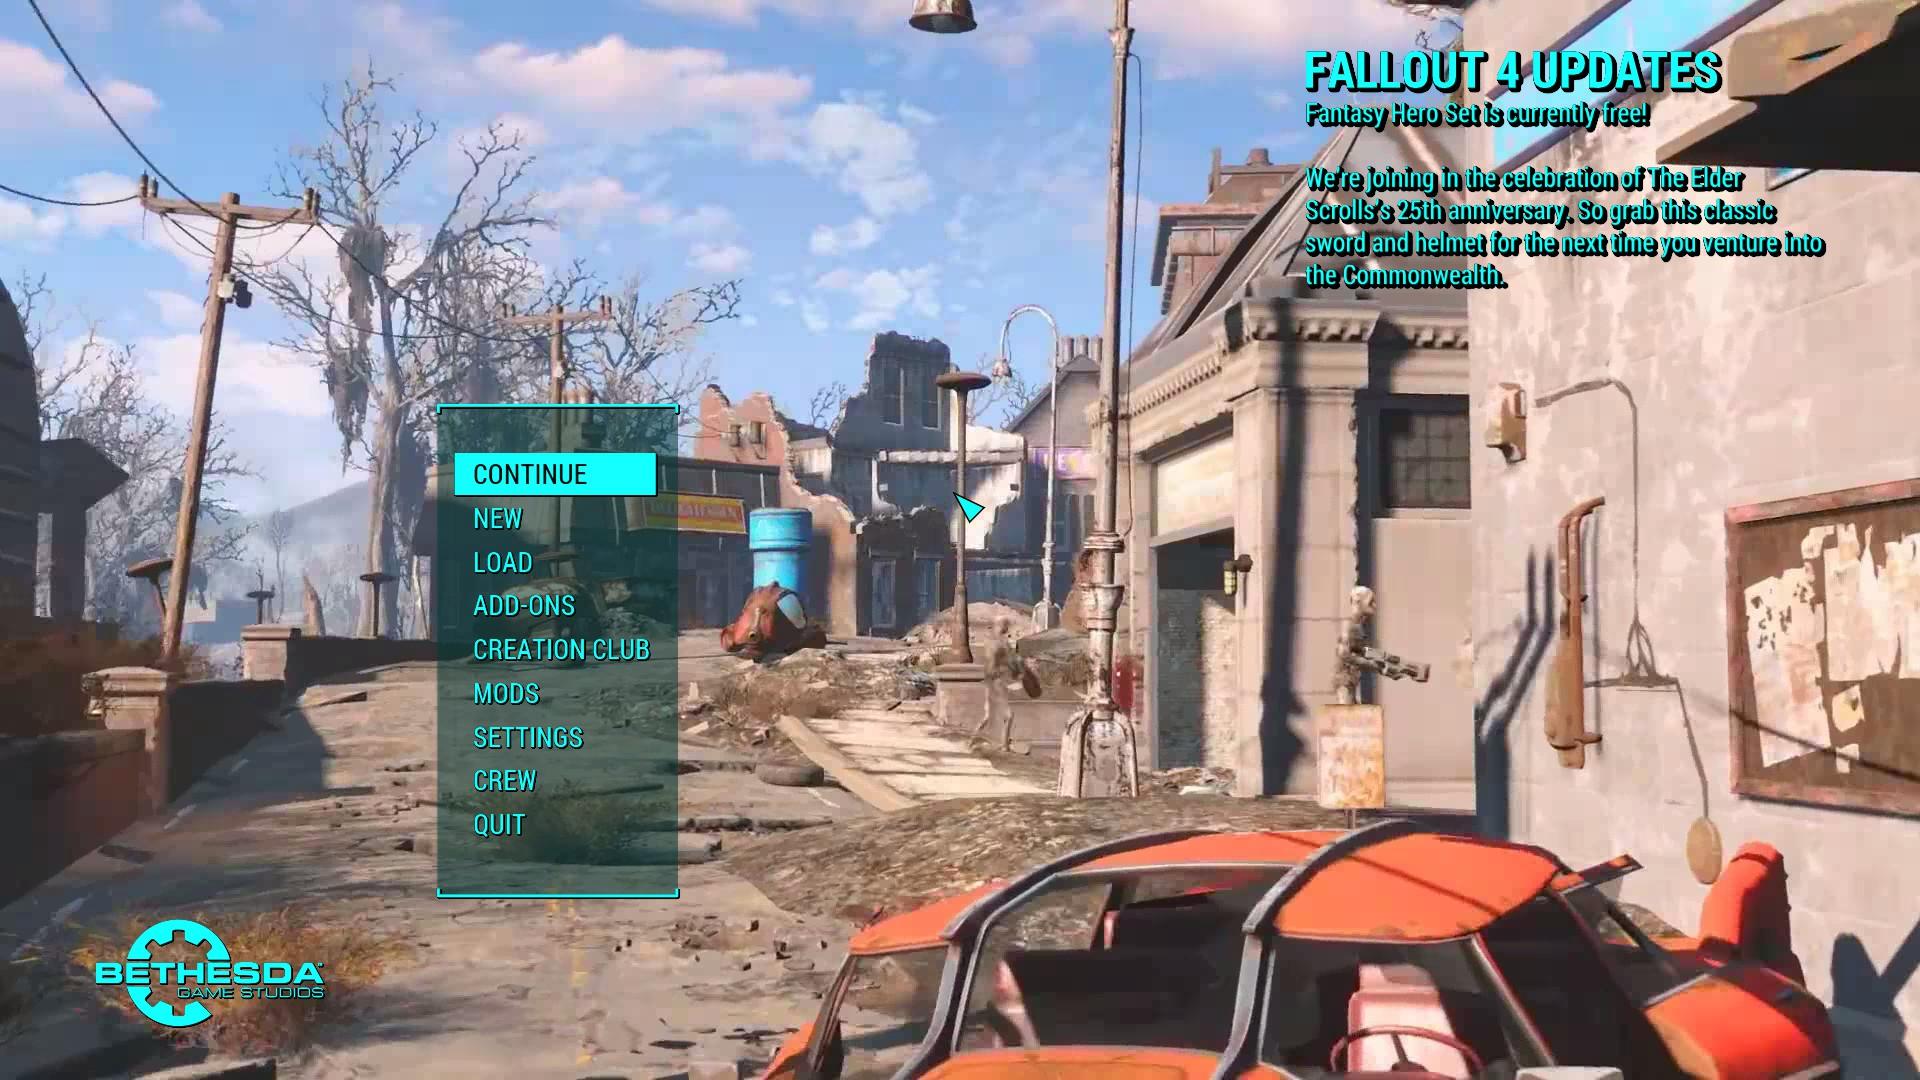 インターフェース おすすめMOD順 PAGE 5 - Fallout4 Mod